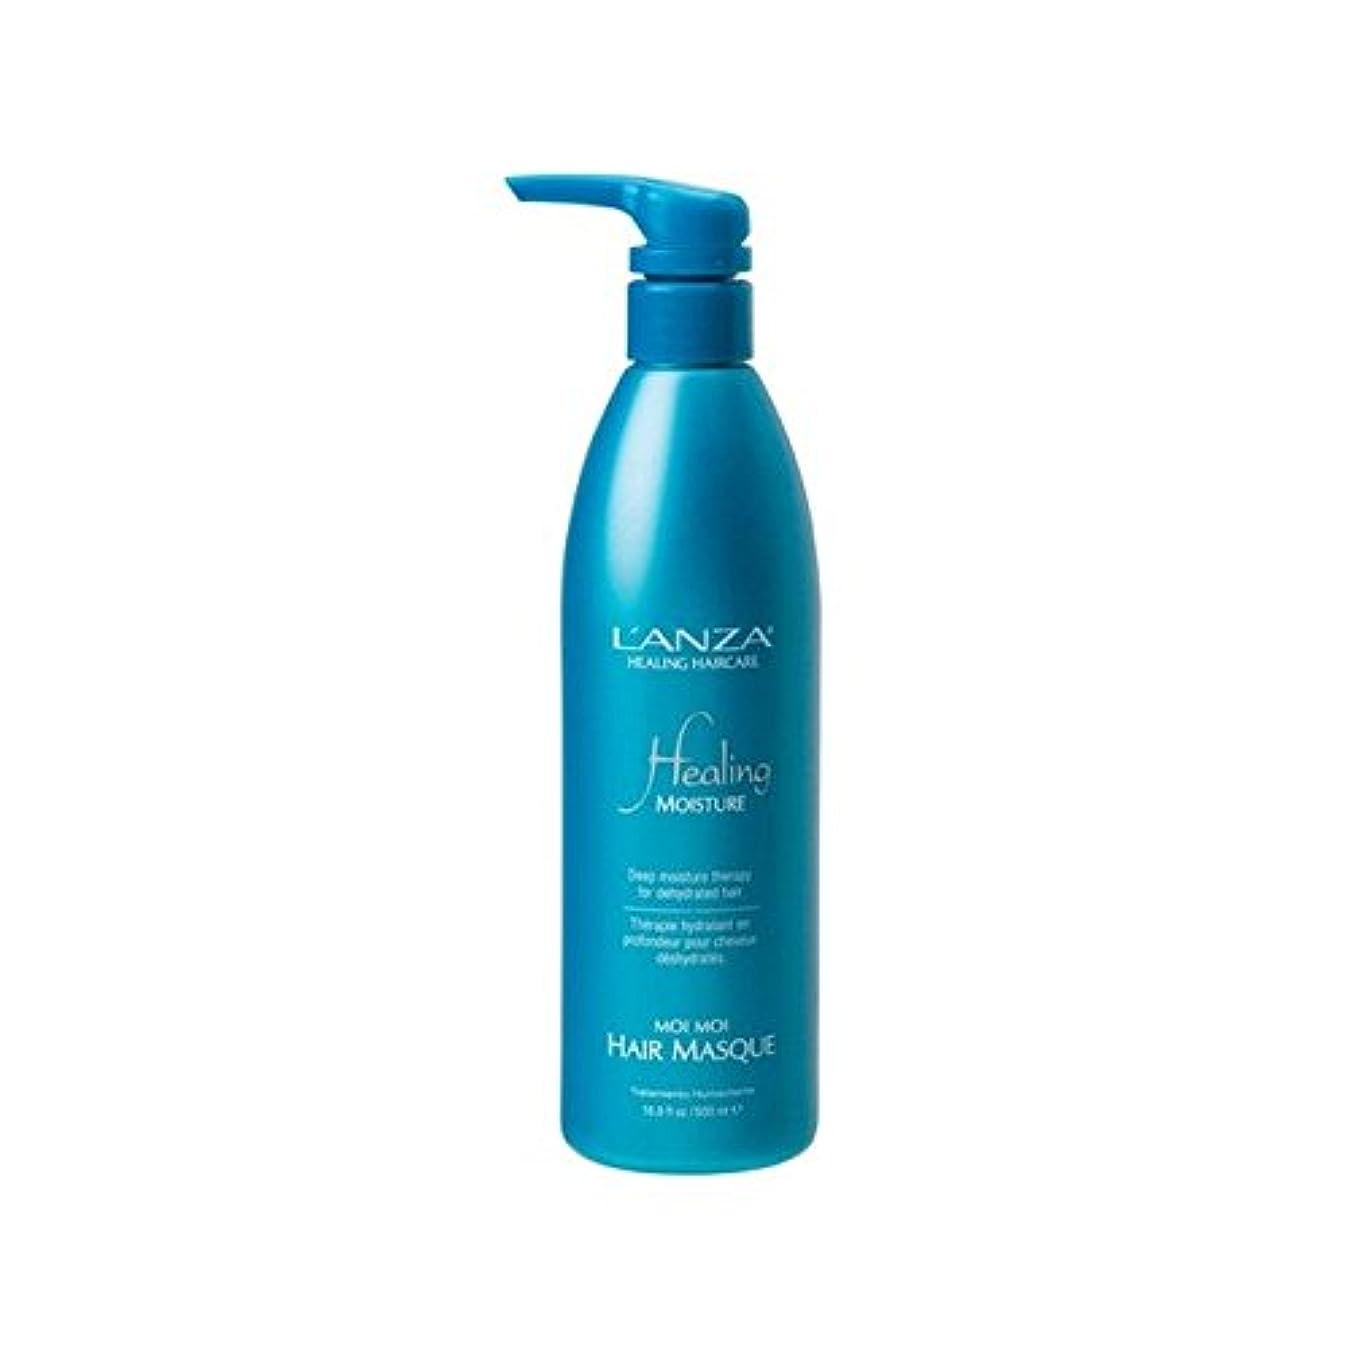 崇拝するパースブラックボロウ非武装化アンザ癒しの水分モイモイヘア仮面劇(500ミリリットル) x2 - L'Anza Healing Moisture Moi Moi Hair Masque (500ml) (Pack of 2) [並行輸入品]